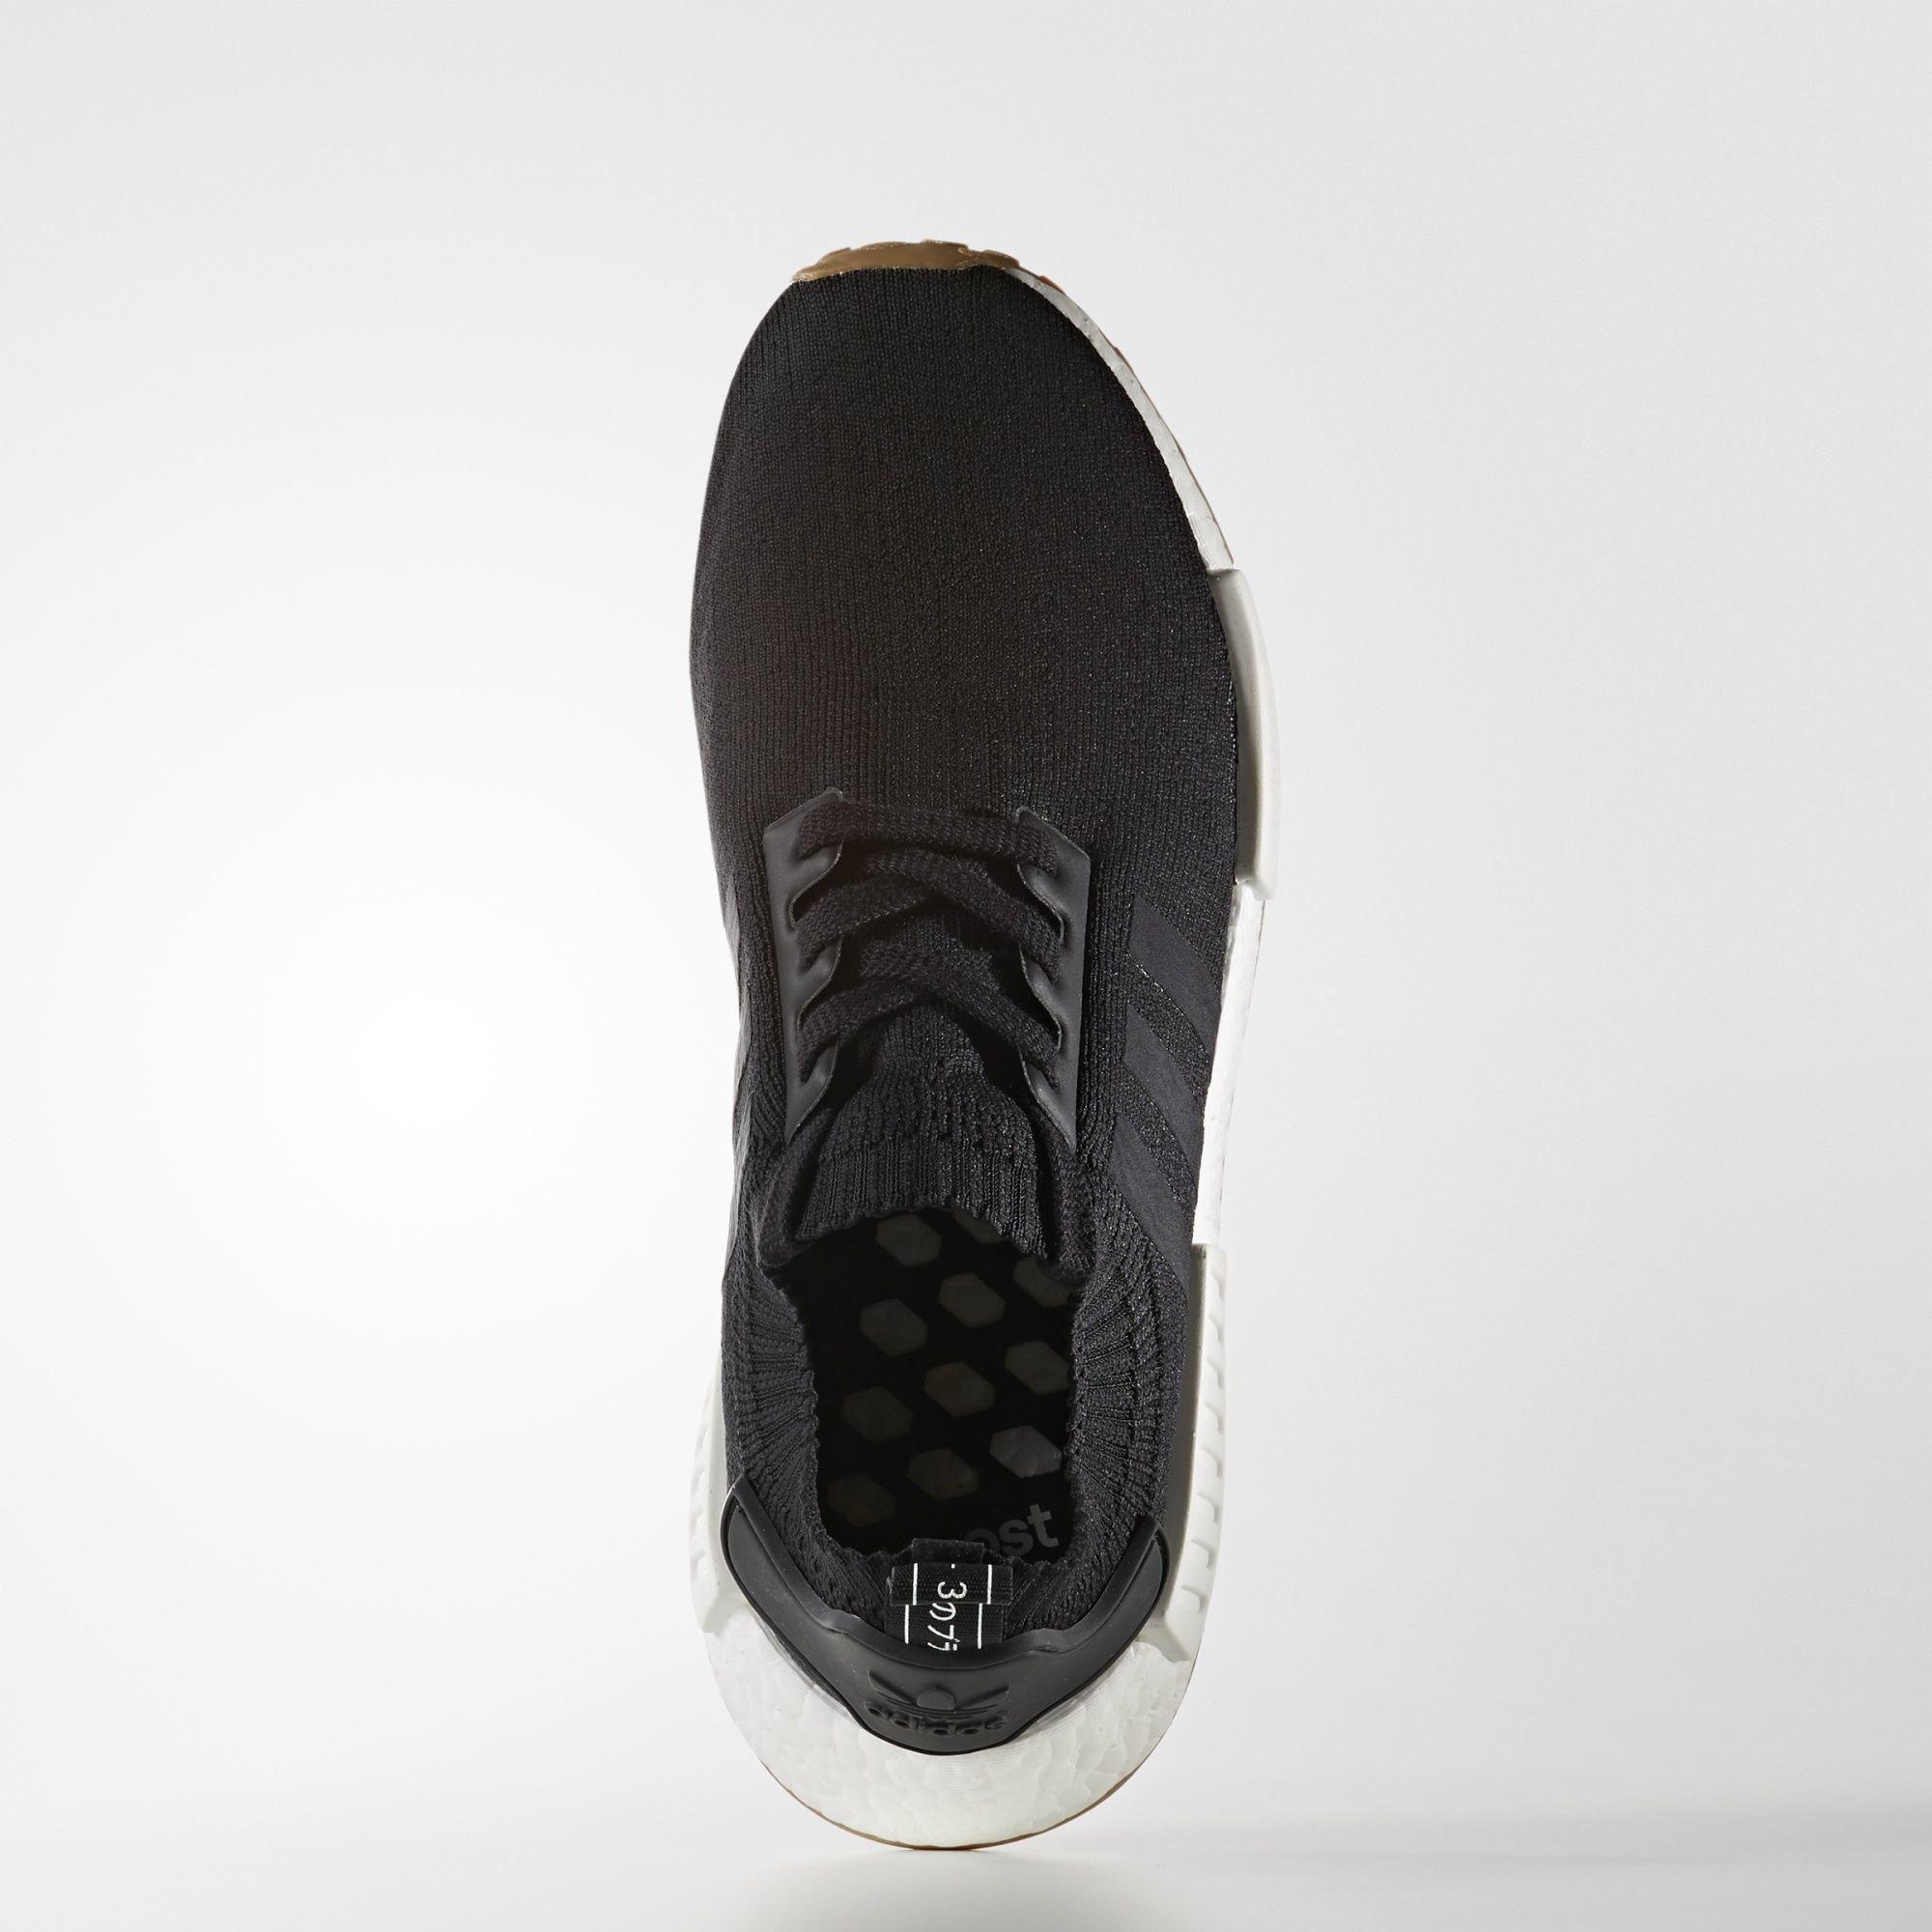 adidas NMD R1 Black Gum (BY1887)